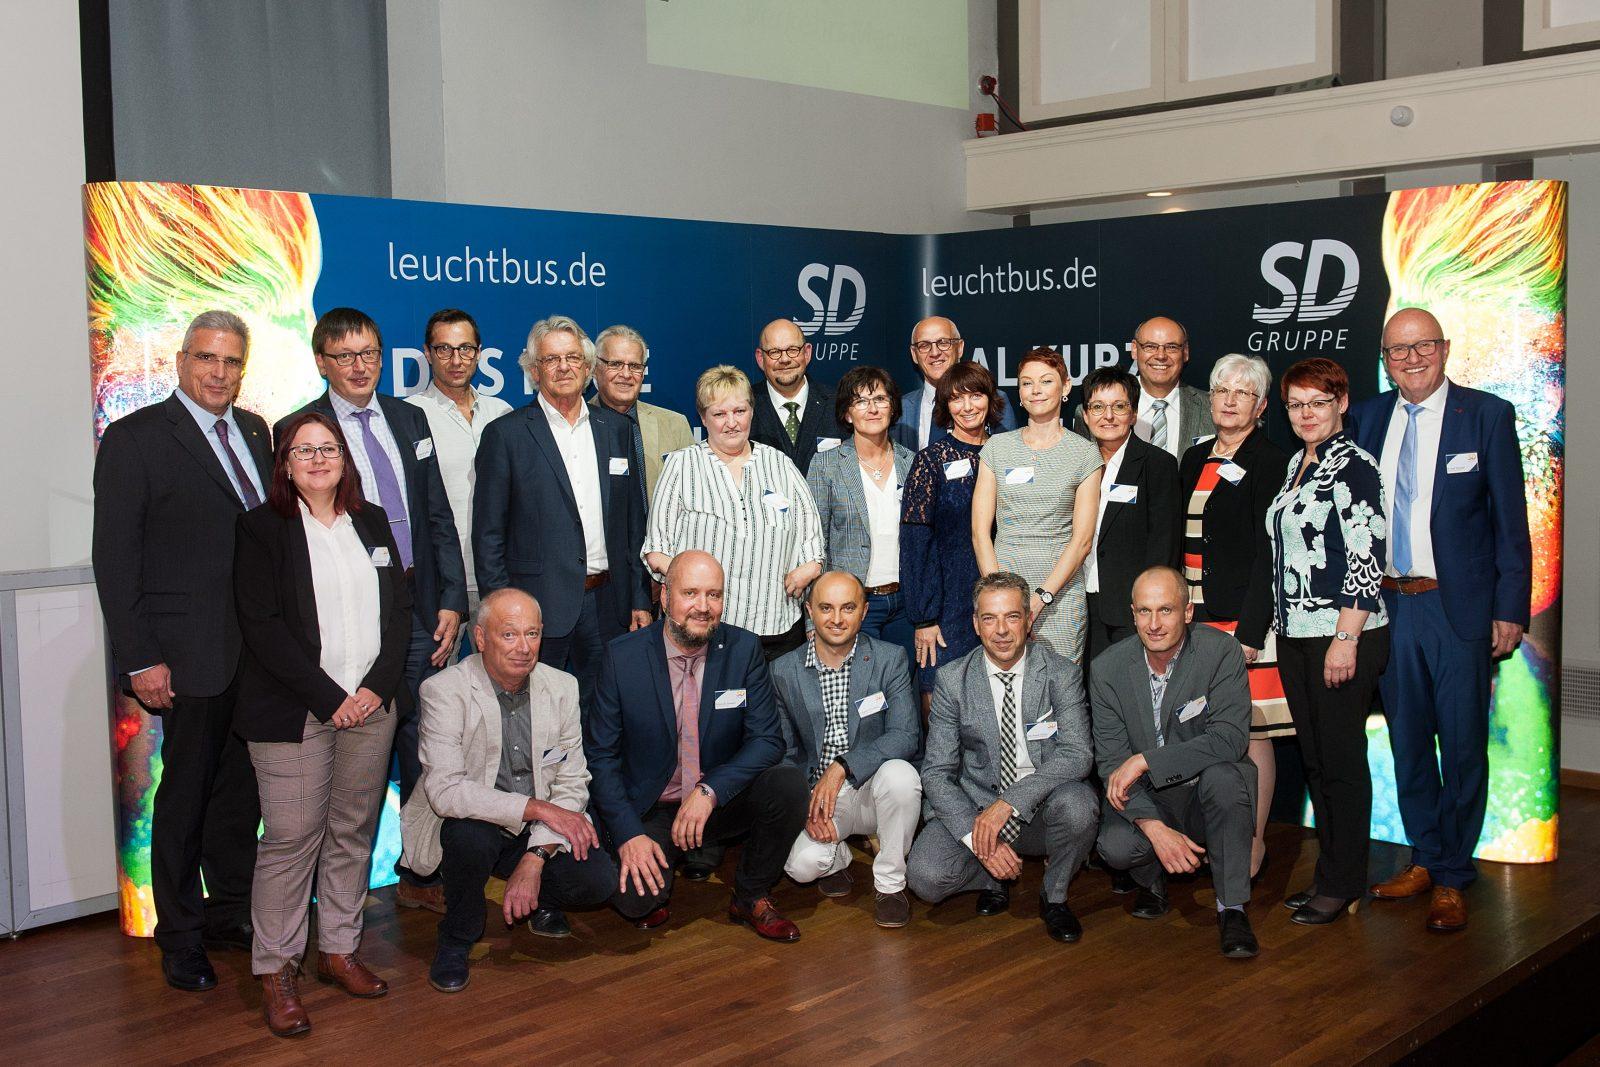 Jubilare bei der SD Gruppe 2019